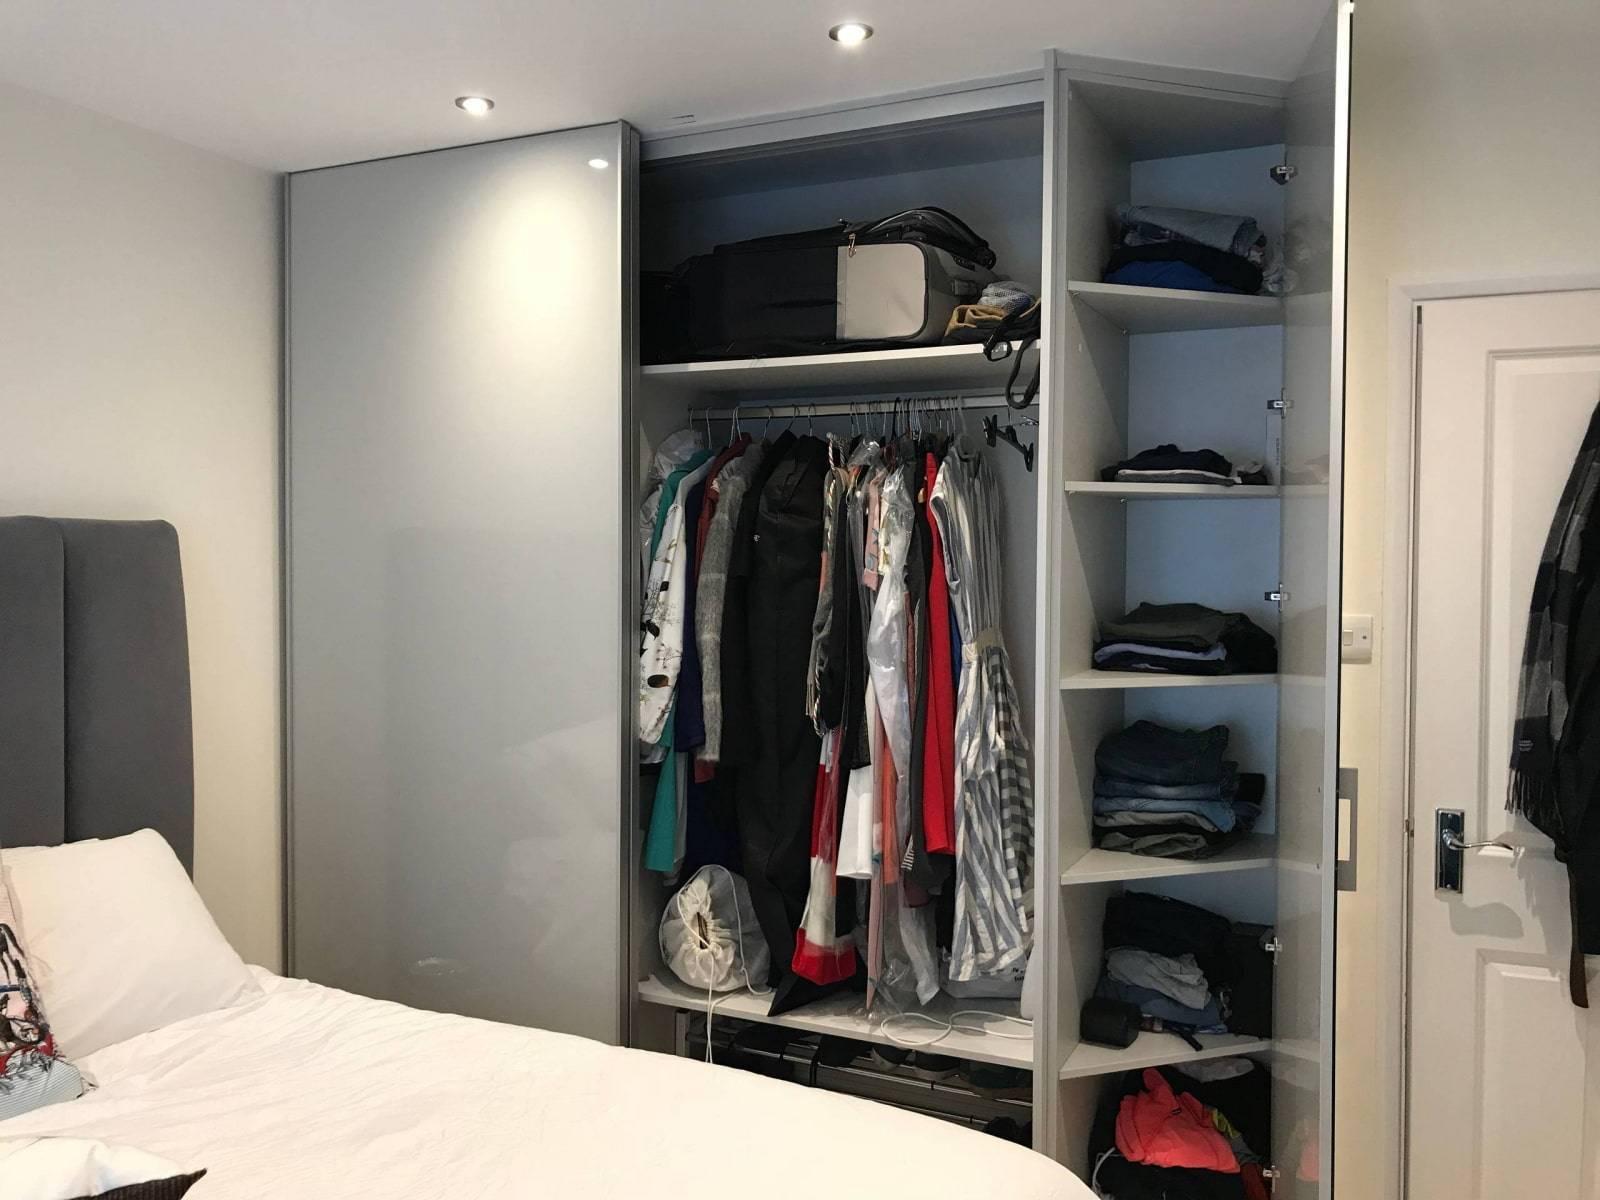 Встроенный шкаф-купе в спальне (56 фото): дизайн встраиваемого углового красивого шкафа, наполнение внутри